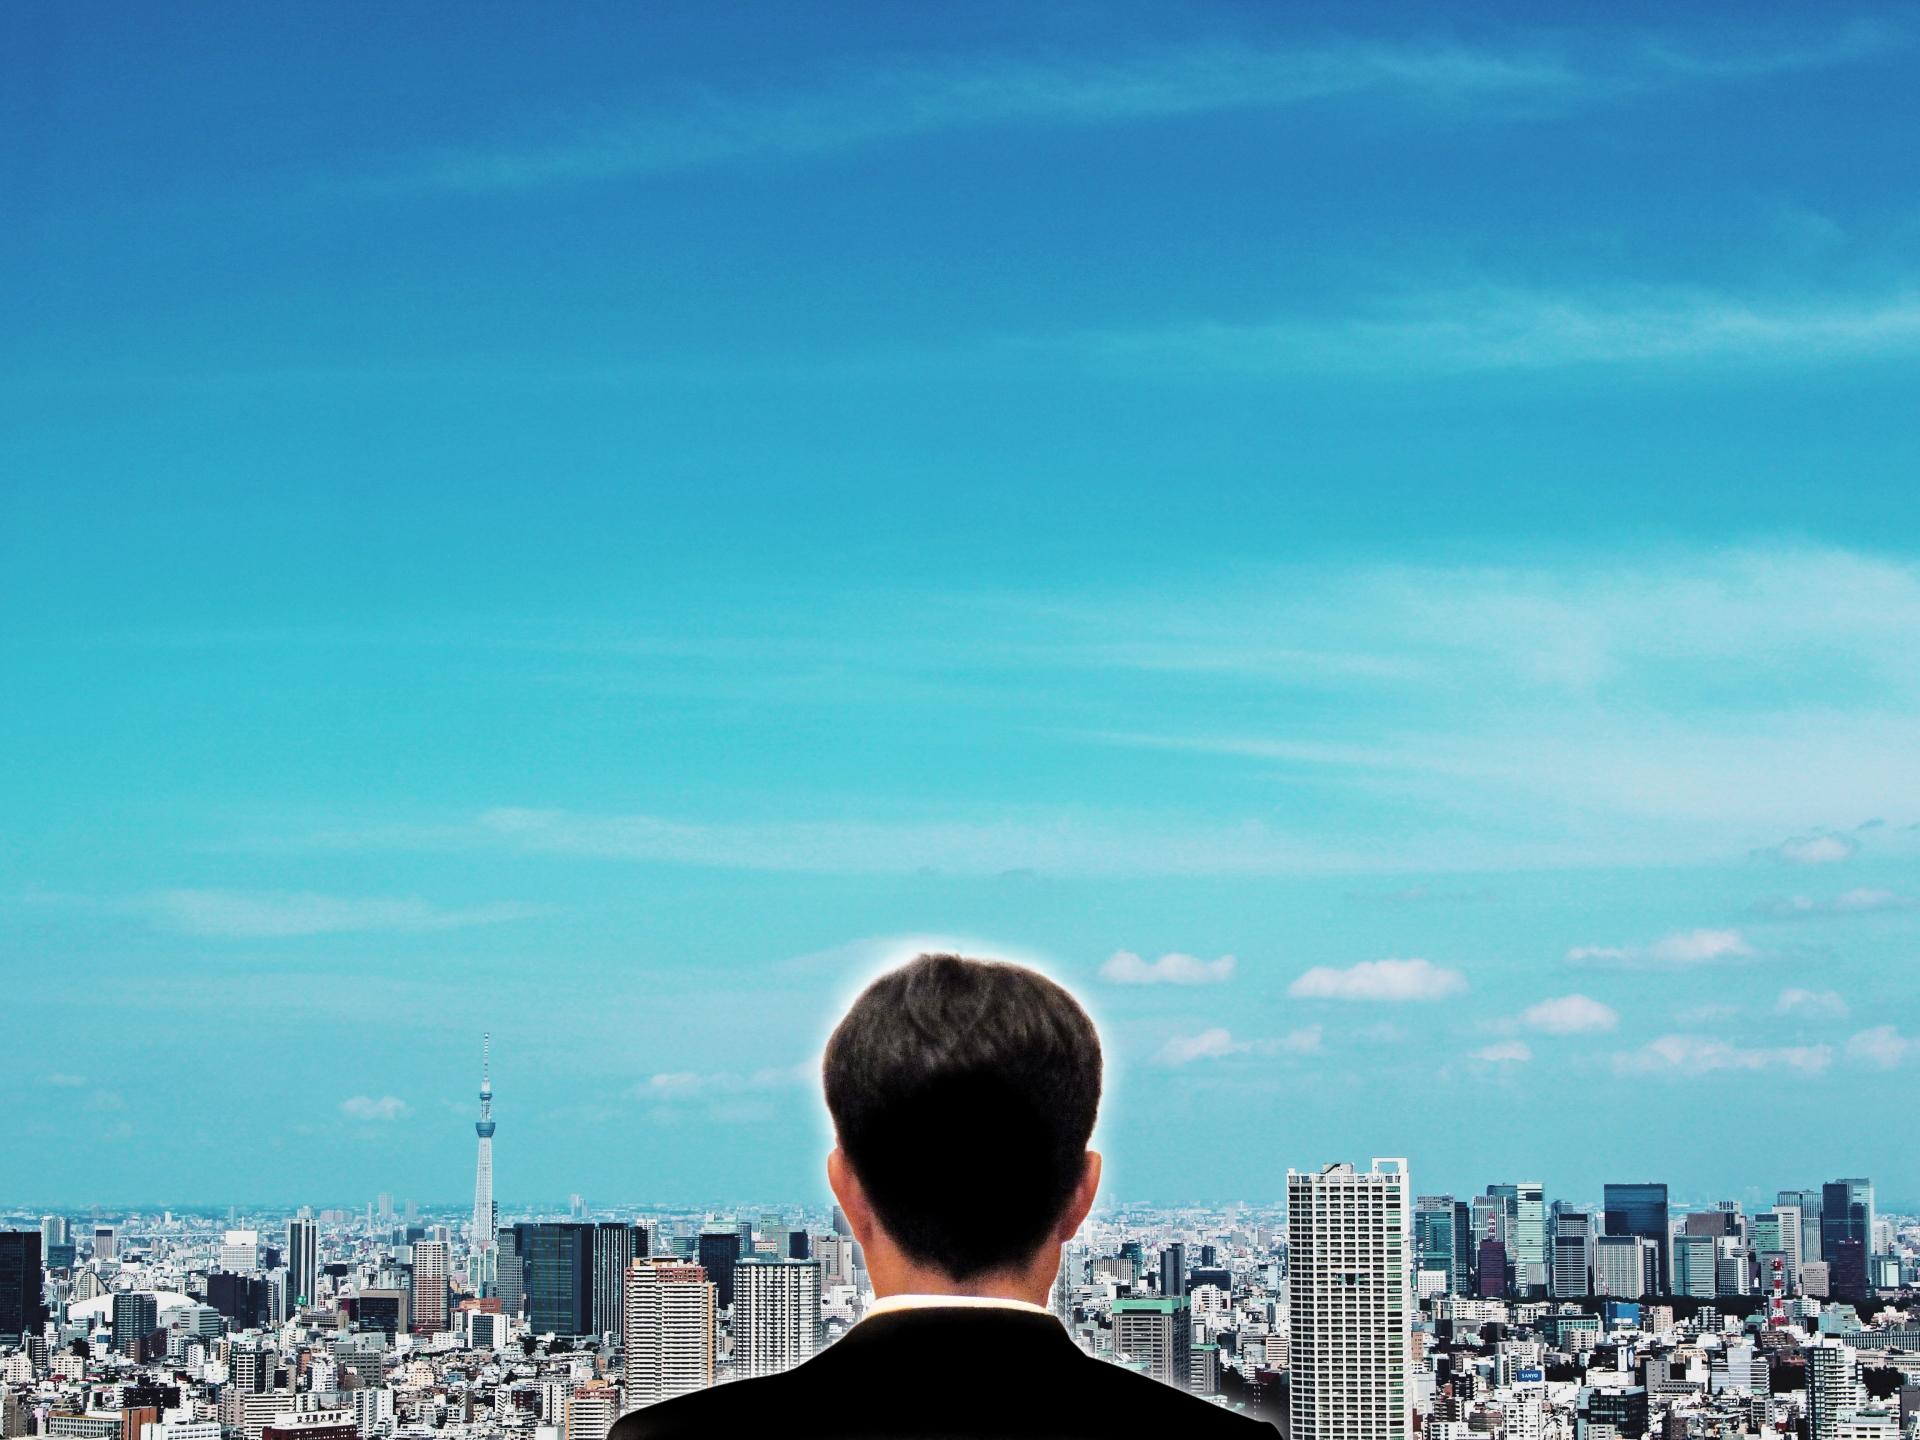 従業員が退職するため必要な手続きとは。トラブル無く退職する方法